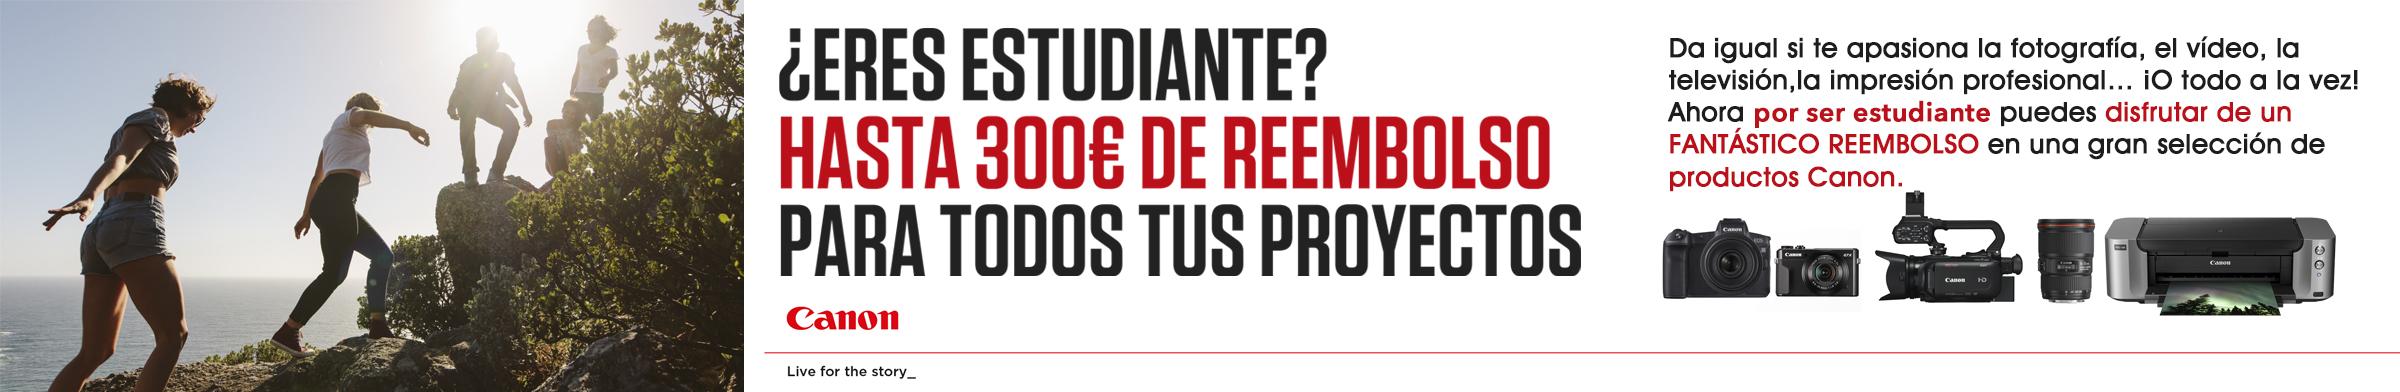 Canon: Por ser estudiante... hasta 300€ de reembolso para tus proyectos.